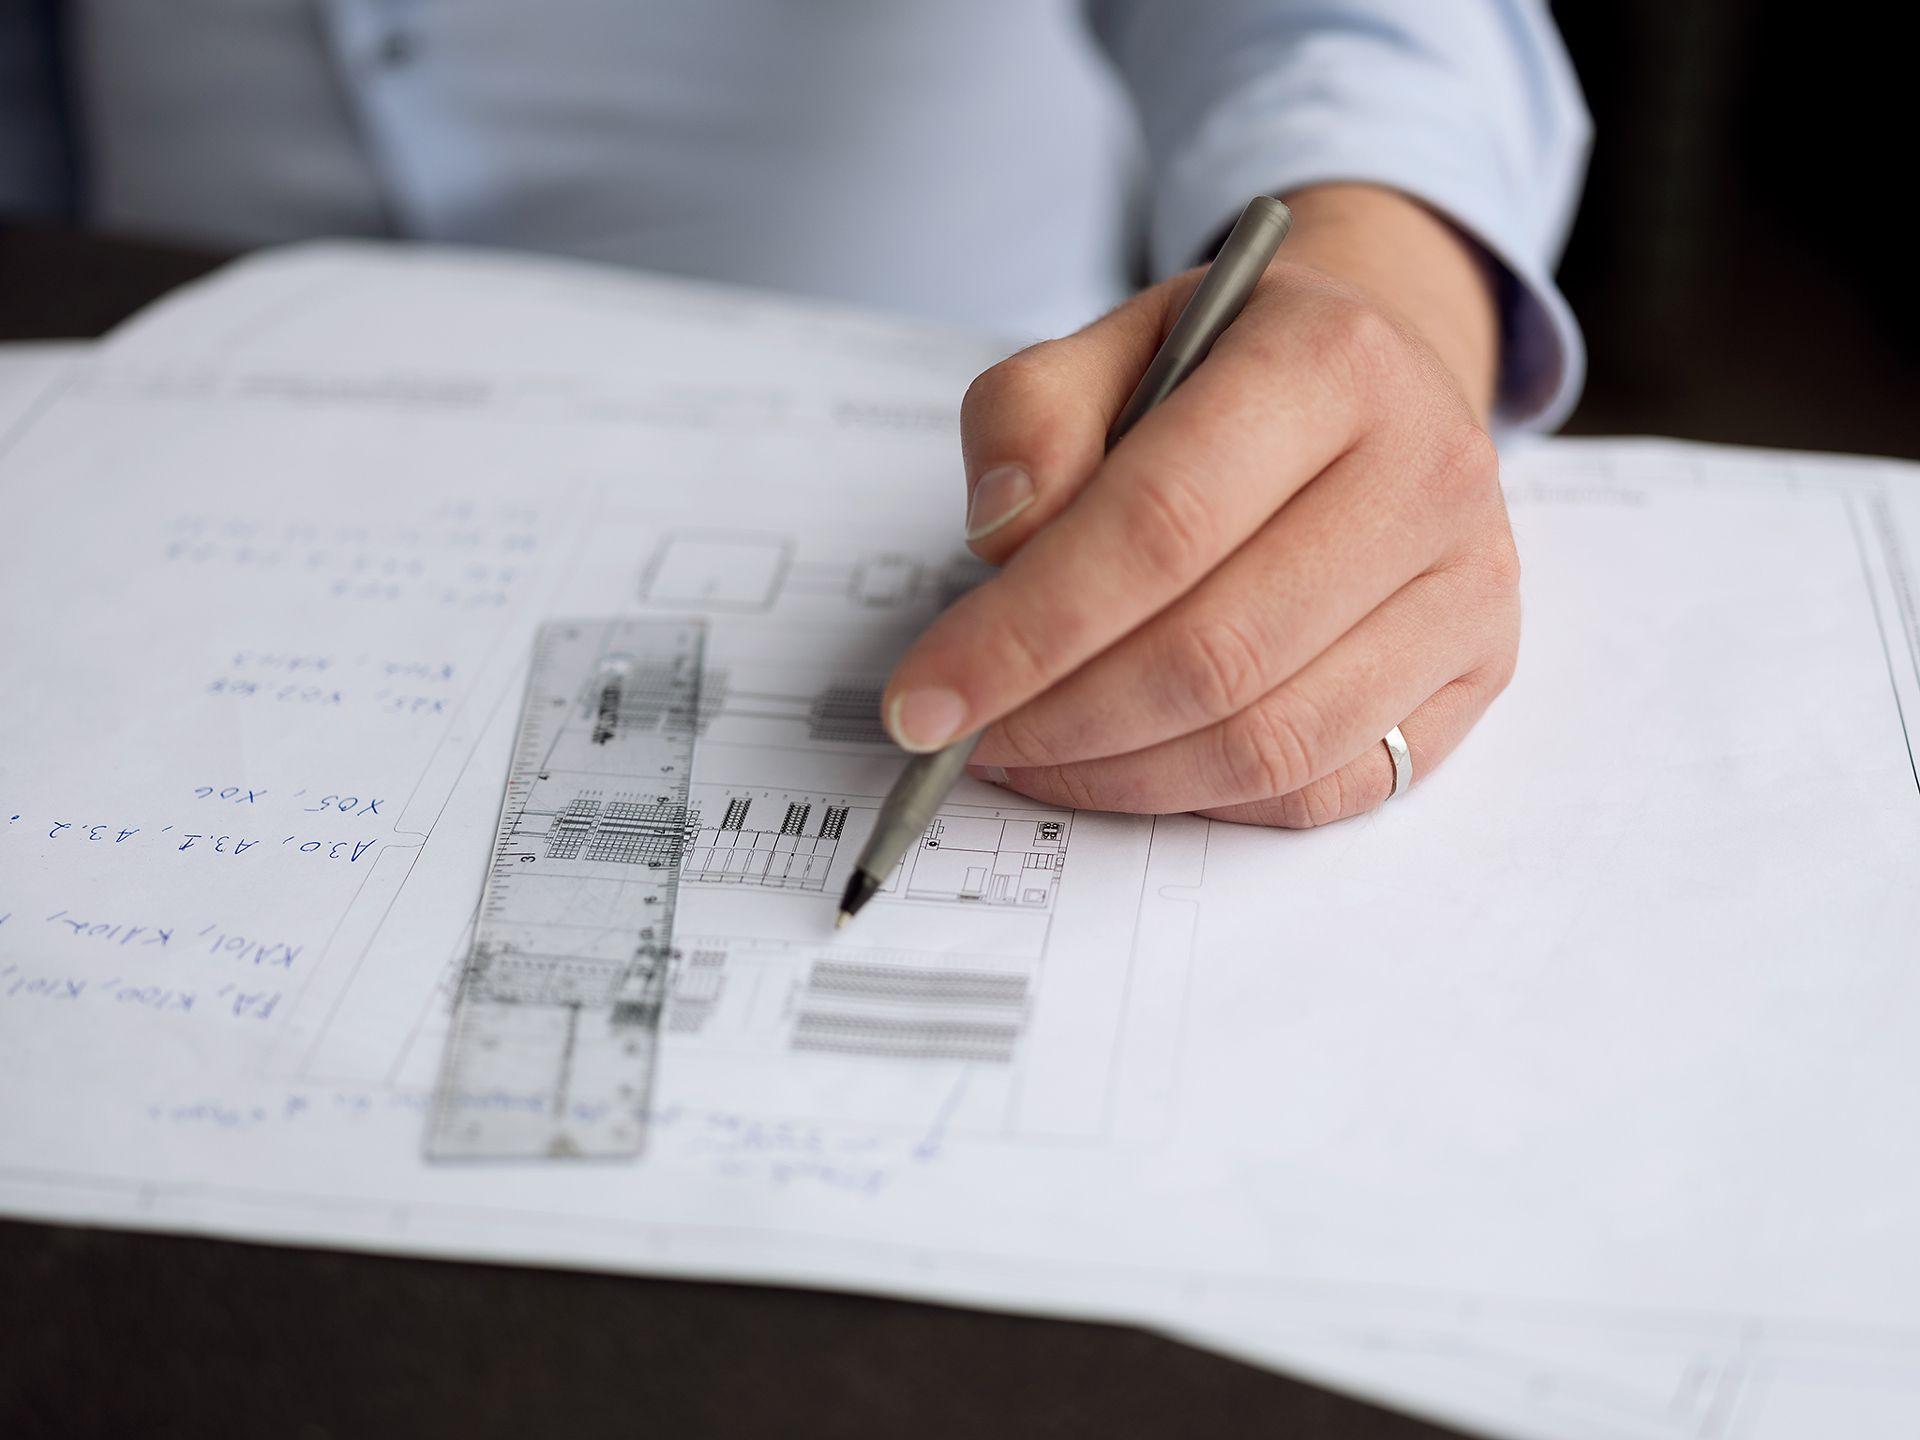 Gros plan d'une main sur un plan de machine laser, prenant des notes dessus.